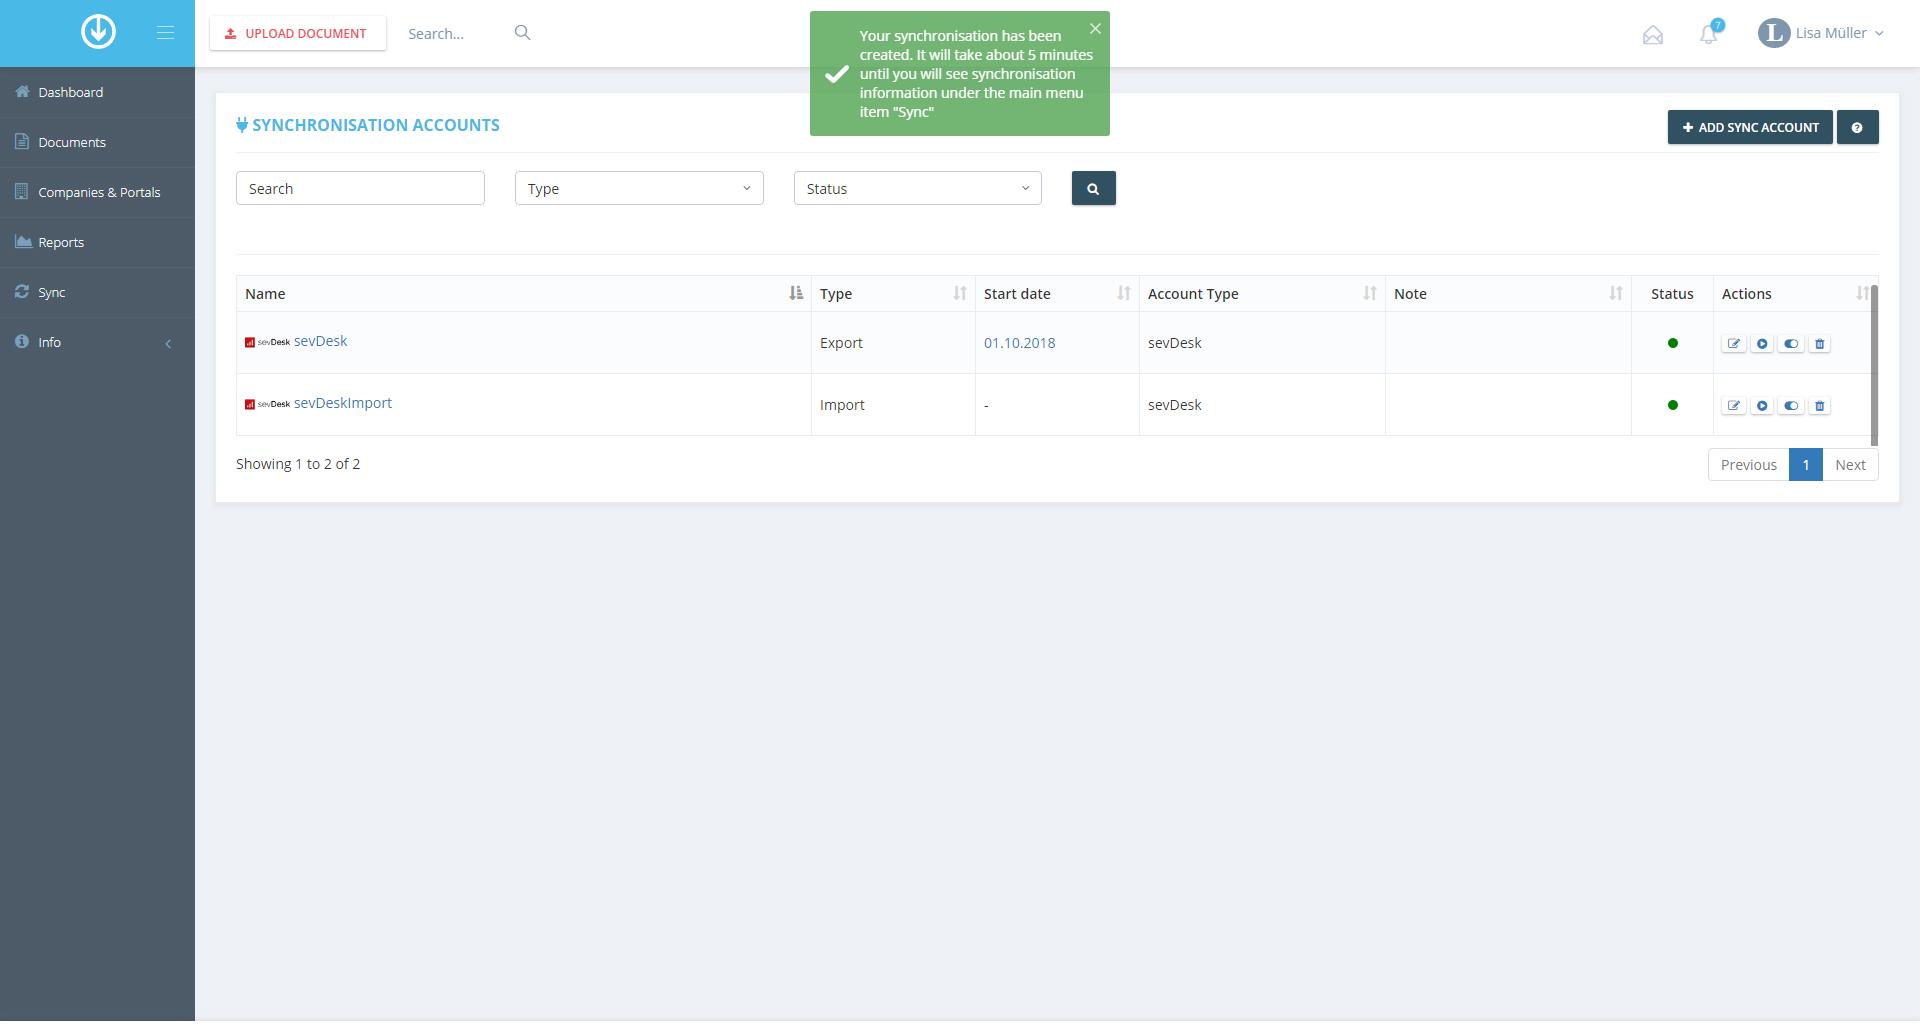 3. Exportation de document : ajouter un compte de synchronisation